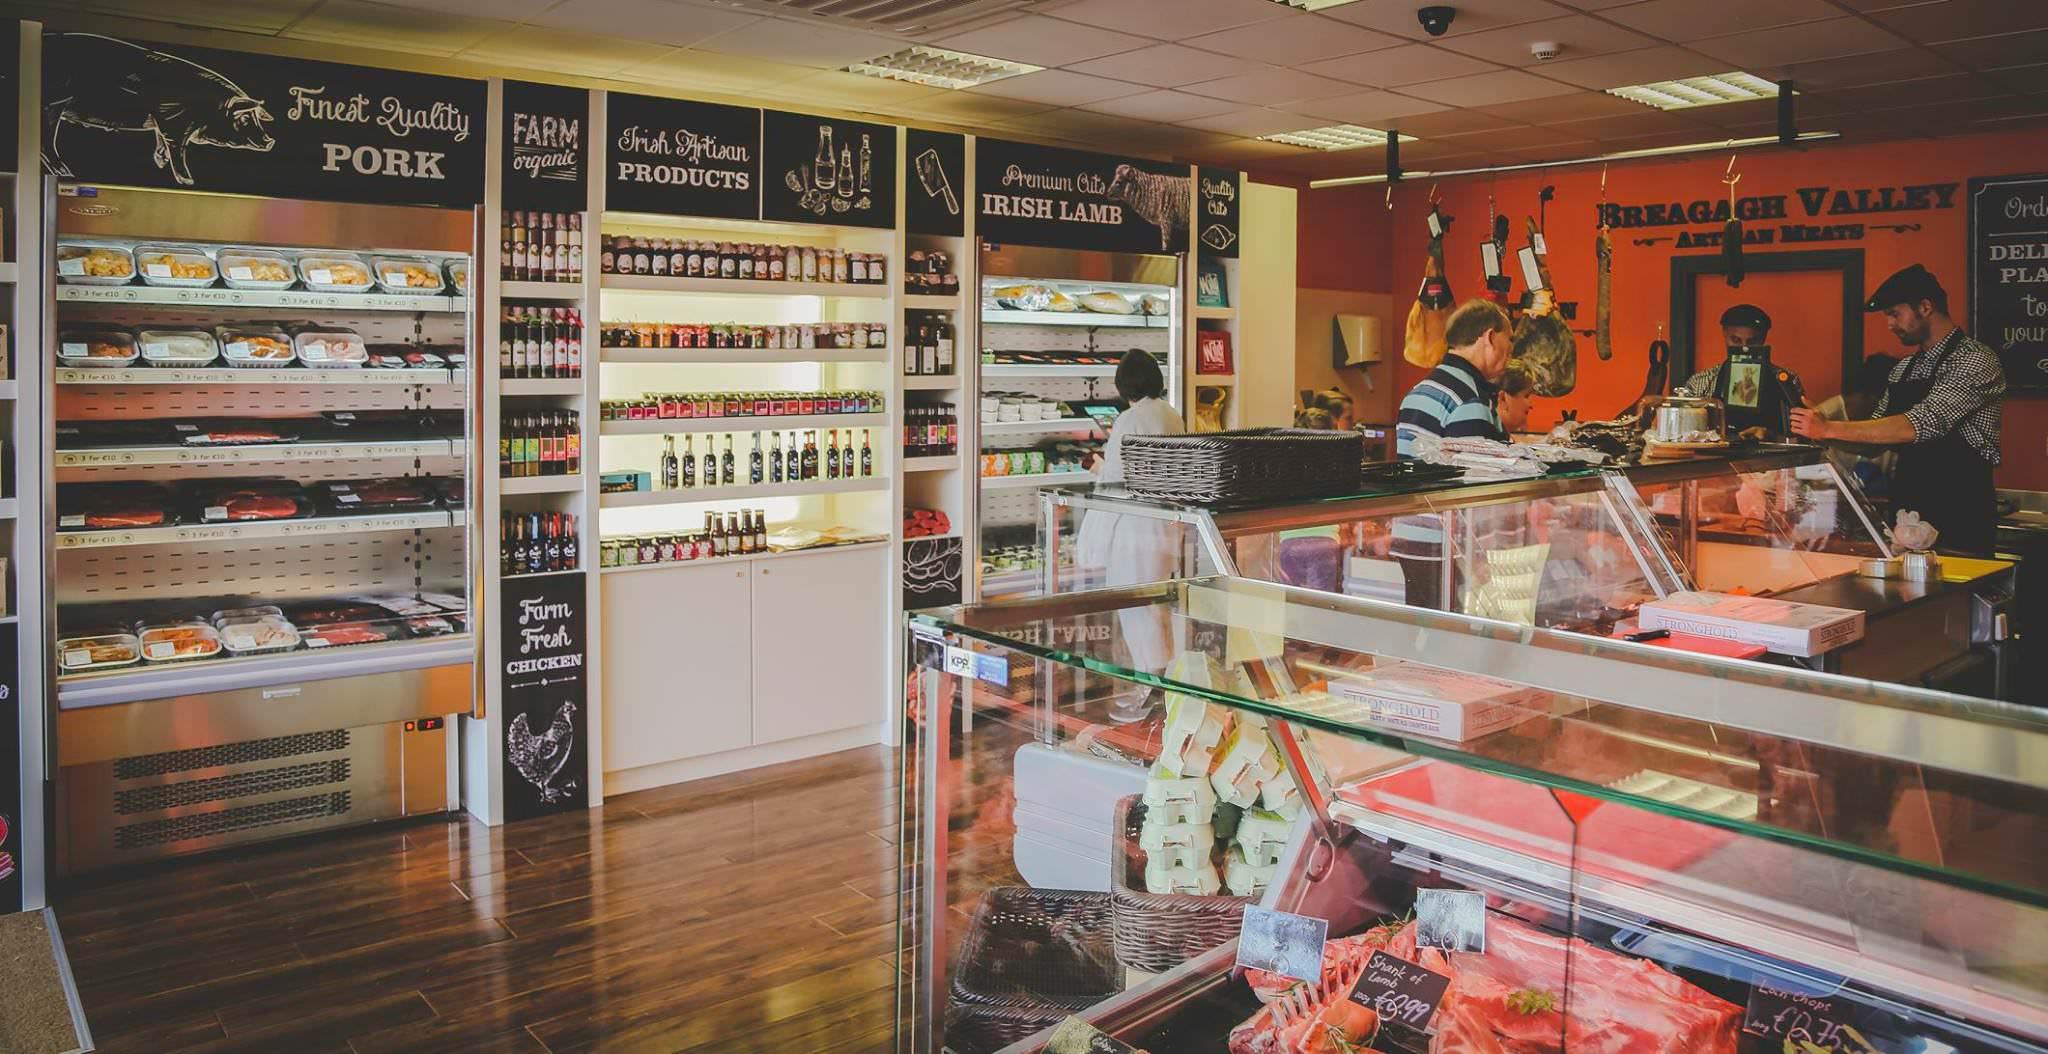 Breagagh Valley Artisan Meats | Newpark Shopping Centre